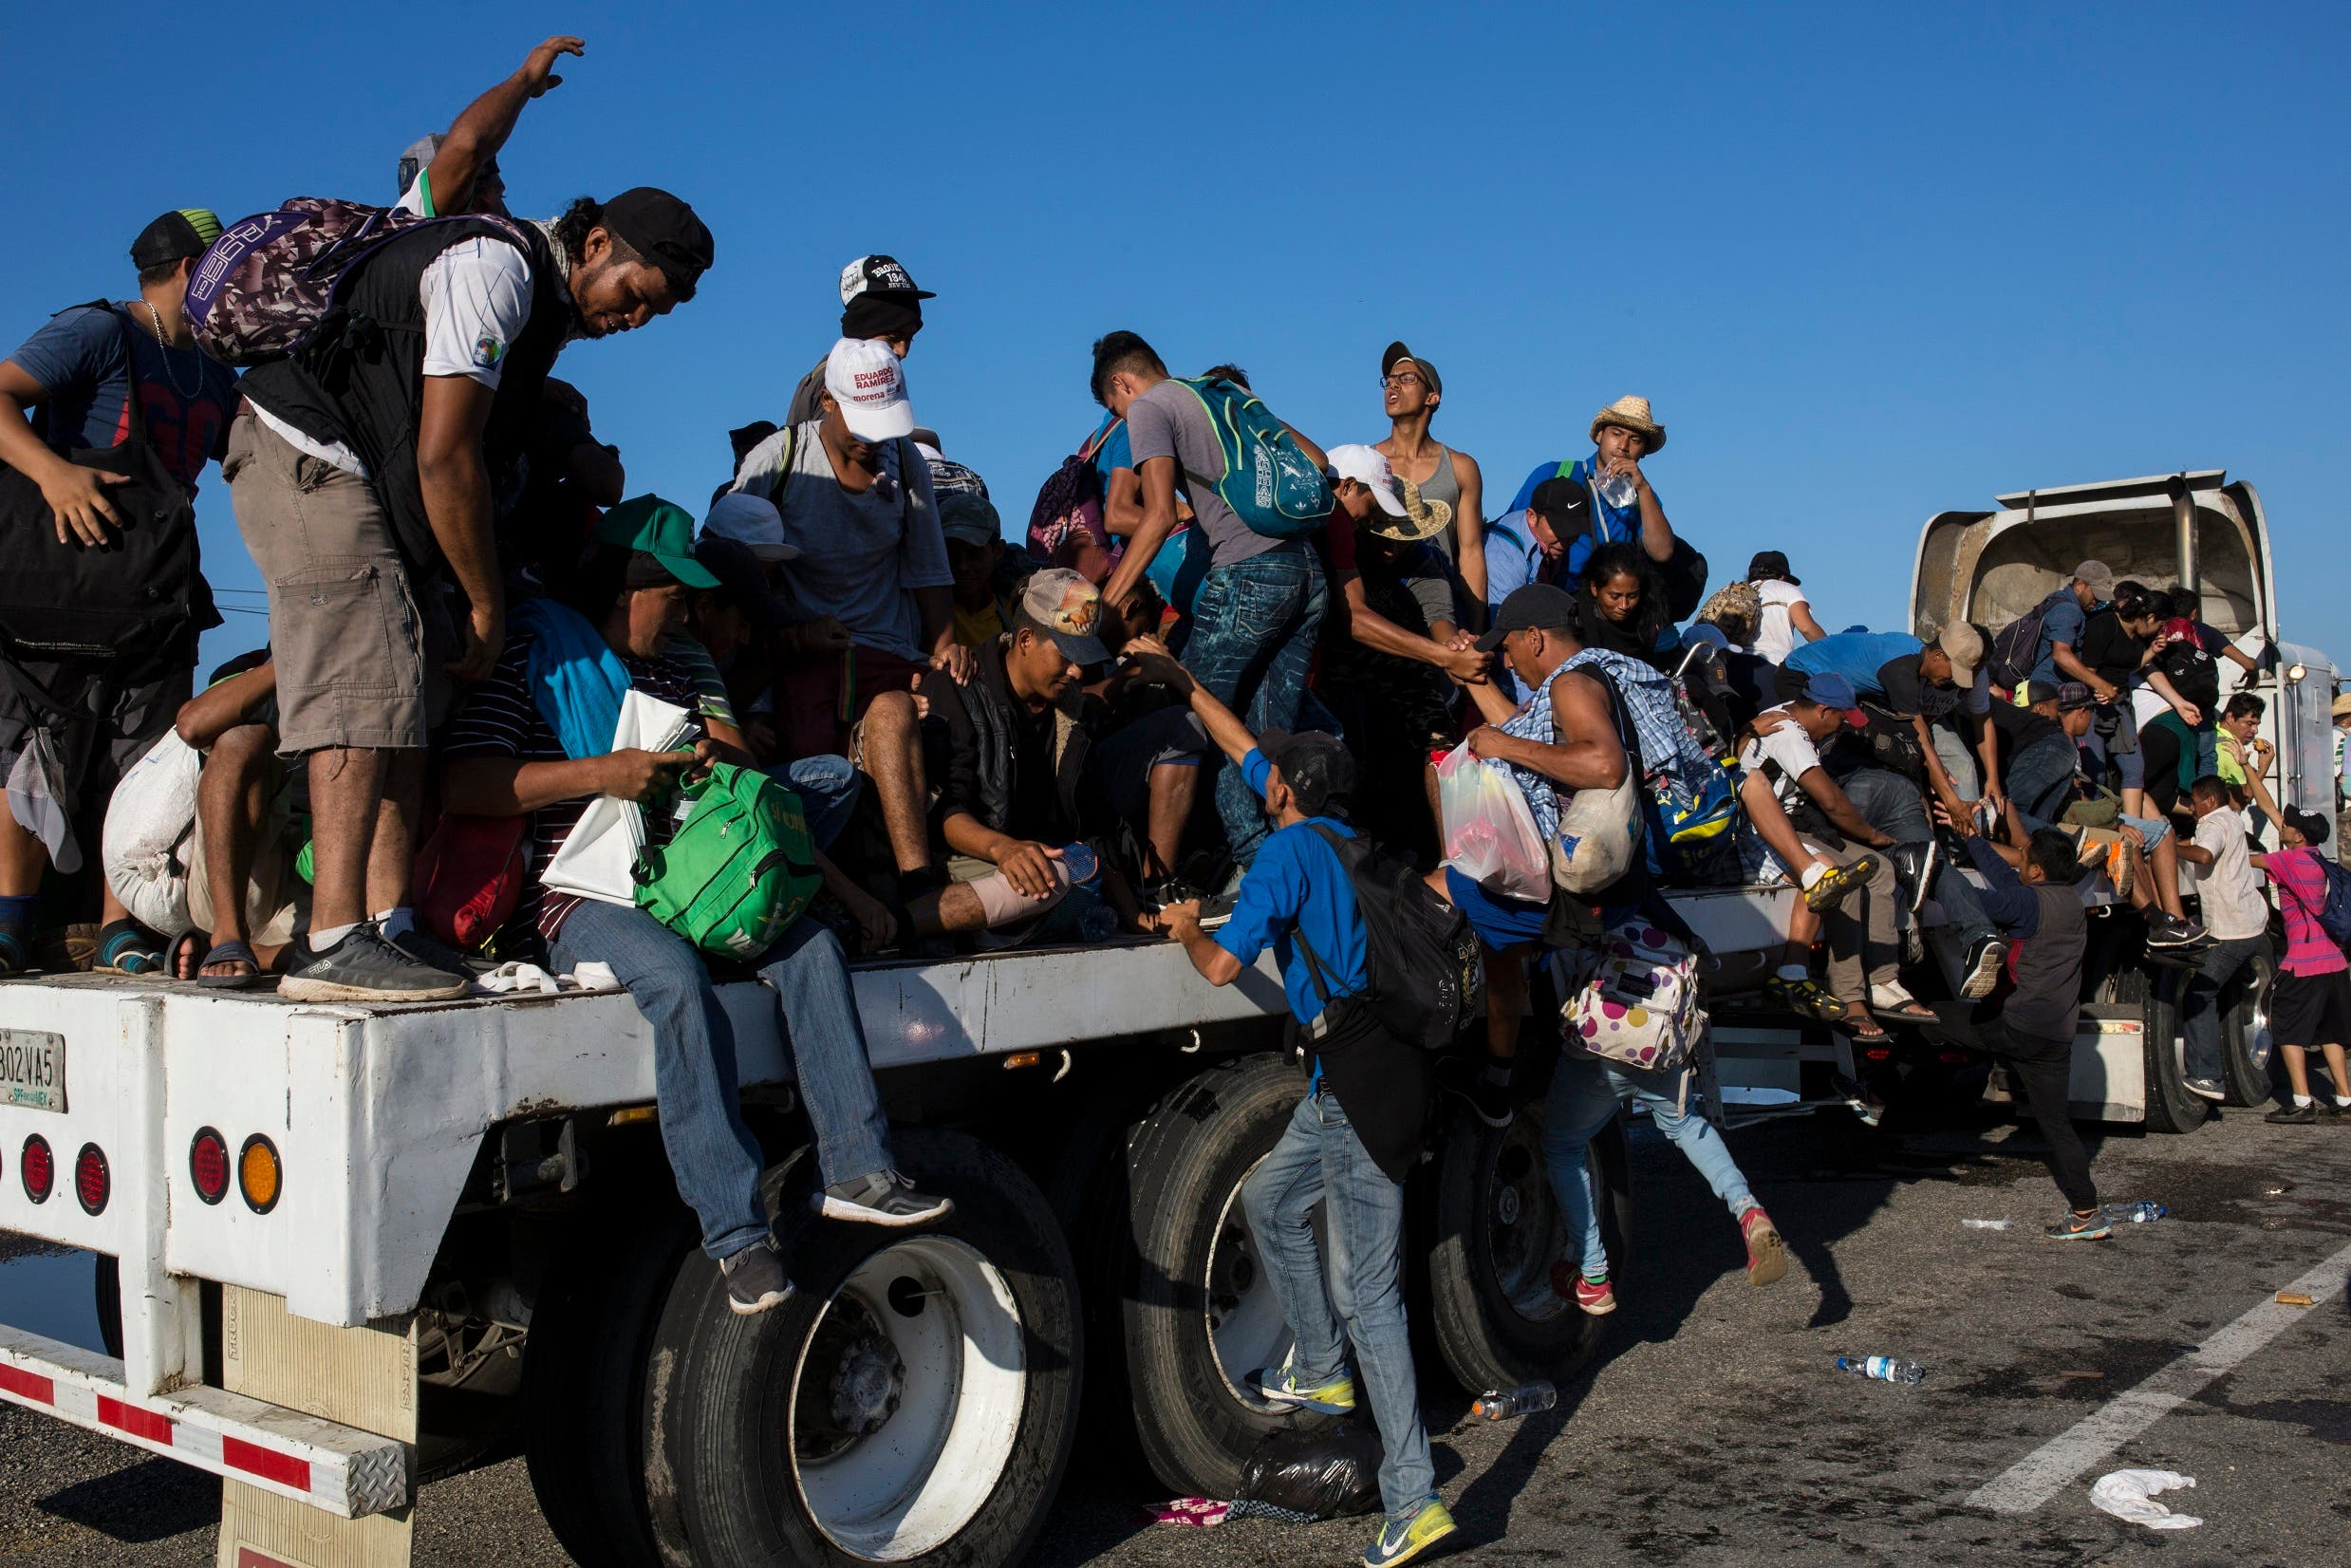 """La caravana formada por más de 10.000 personas que caminan desde Honduras hacia Estados Unidos, huidos del hambre y la violencia, """"es consecuencia de la desidia y estigma de políticos, empresarios, caciques y narcotraficantes""""."""